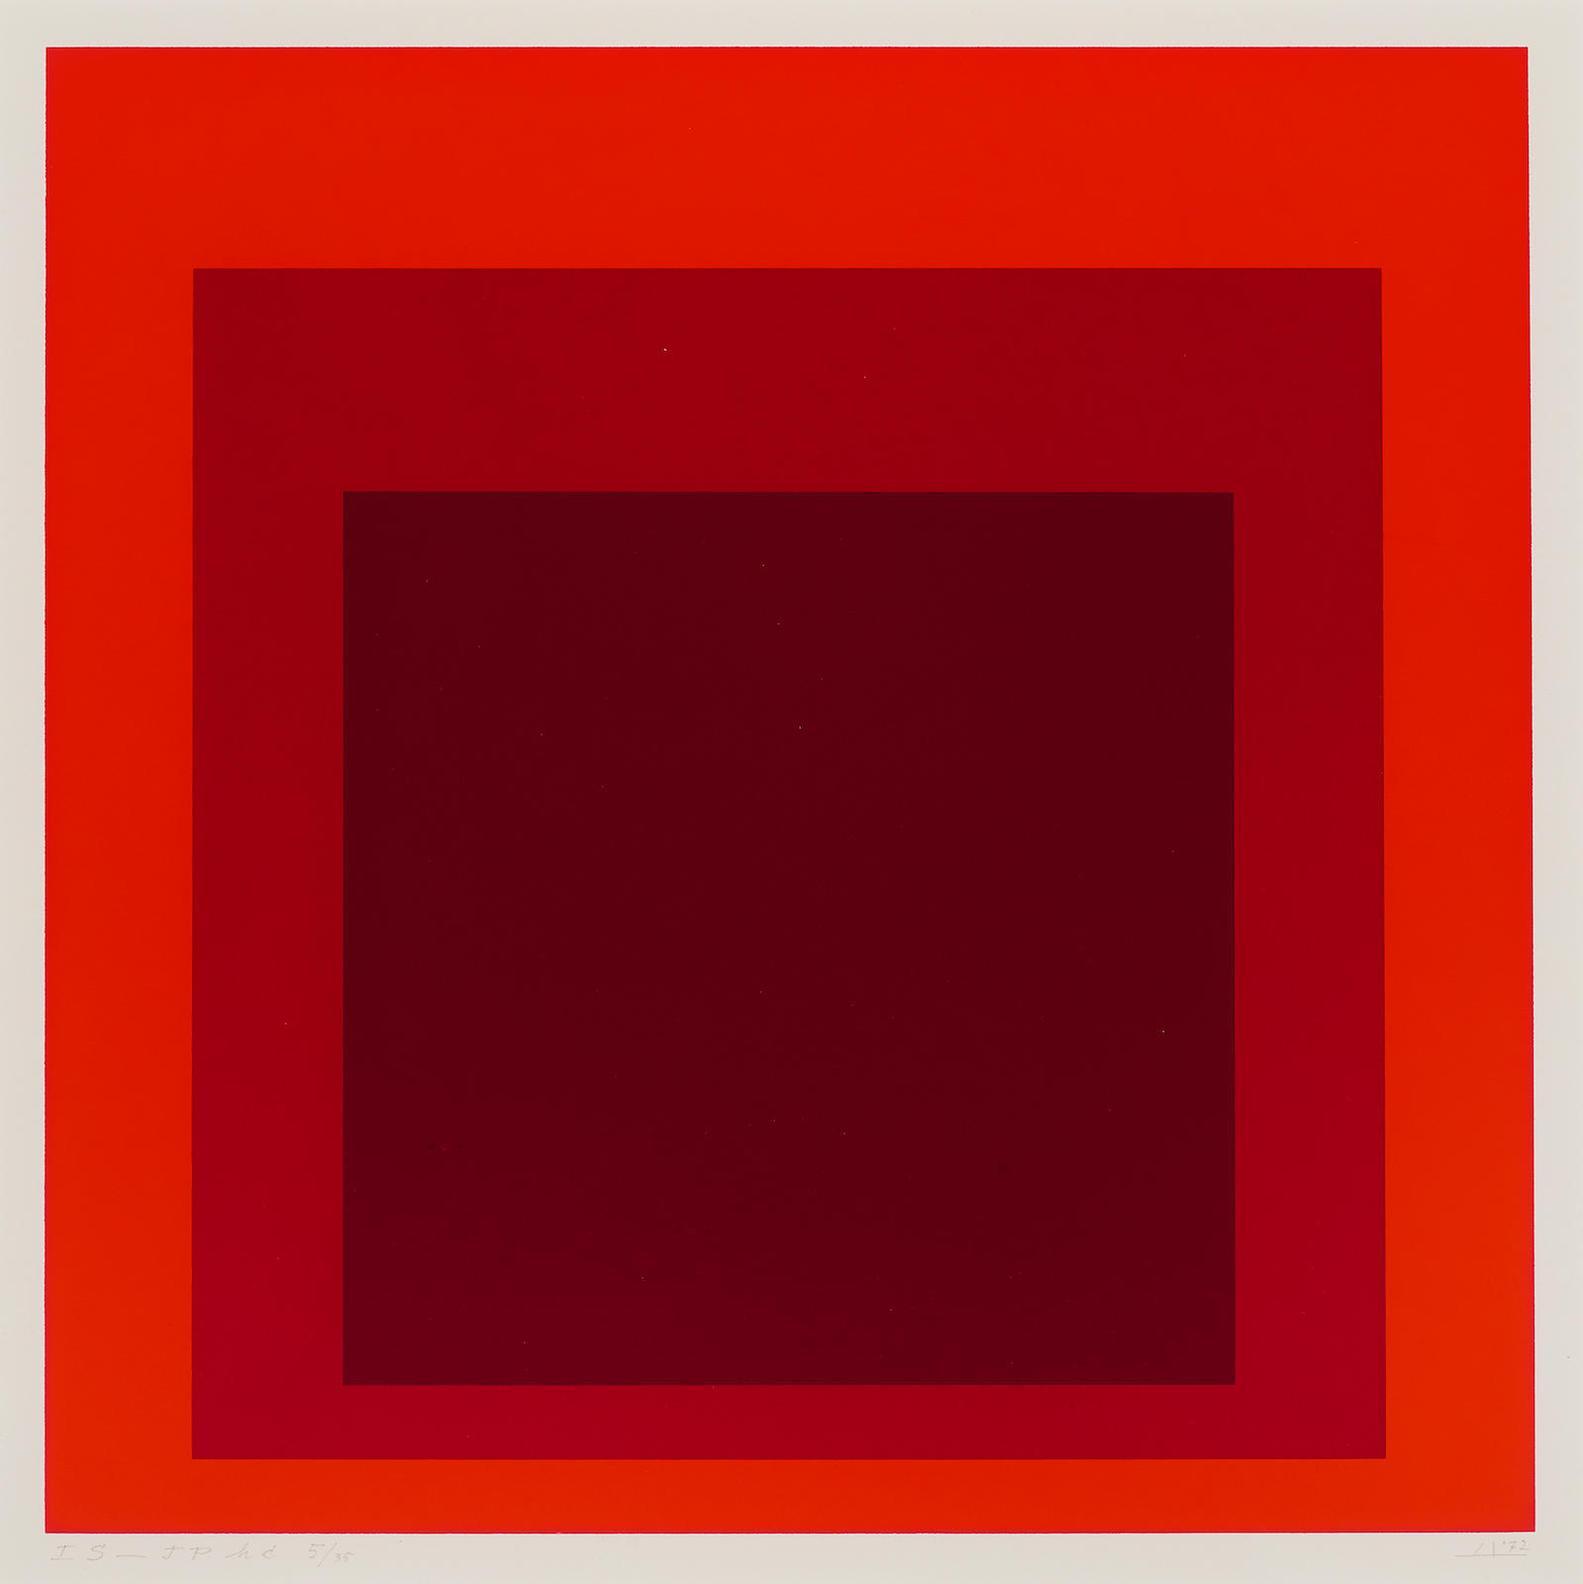 Josef Albers-I-S Jp (D. 217)-1972